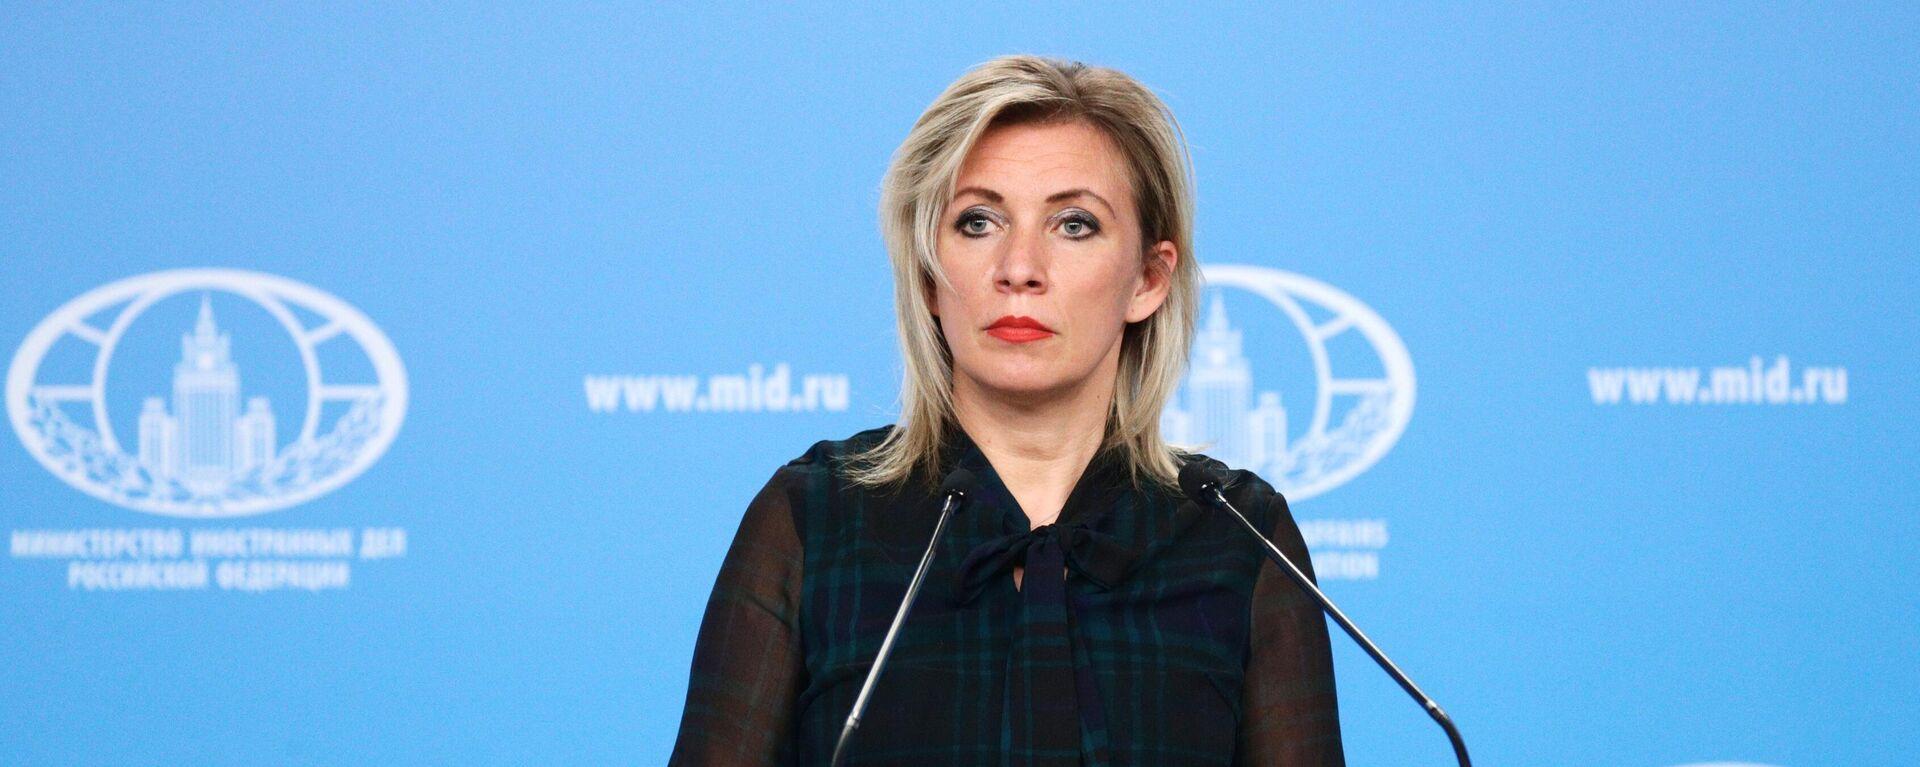 María Zajárova, portavoz del Ministerio de Asuntos Exteriores de Rusia - Sputnik Mundo, 1920, 24.05.2021